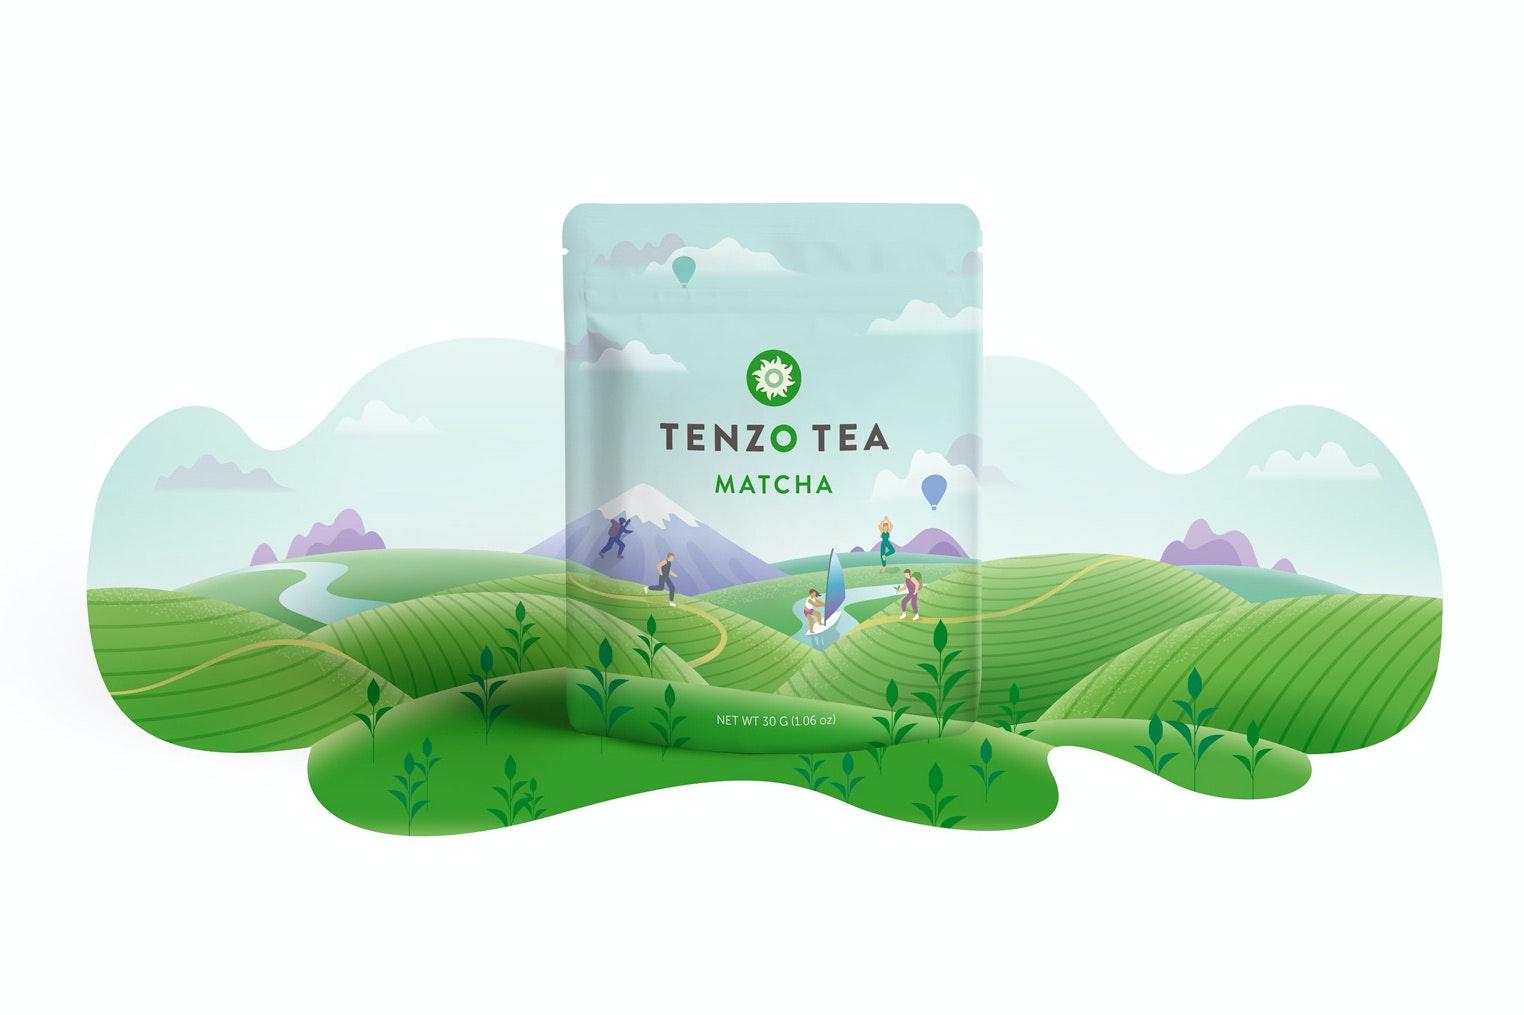 Tenzo Team Matcha nature packaging